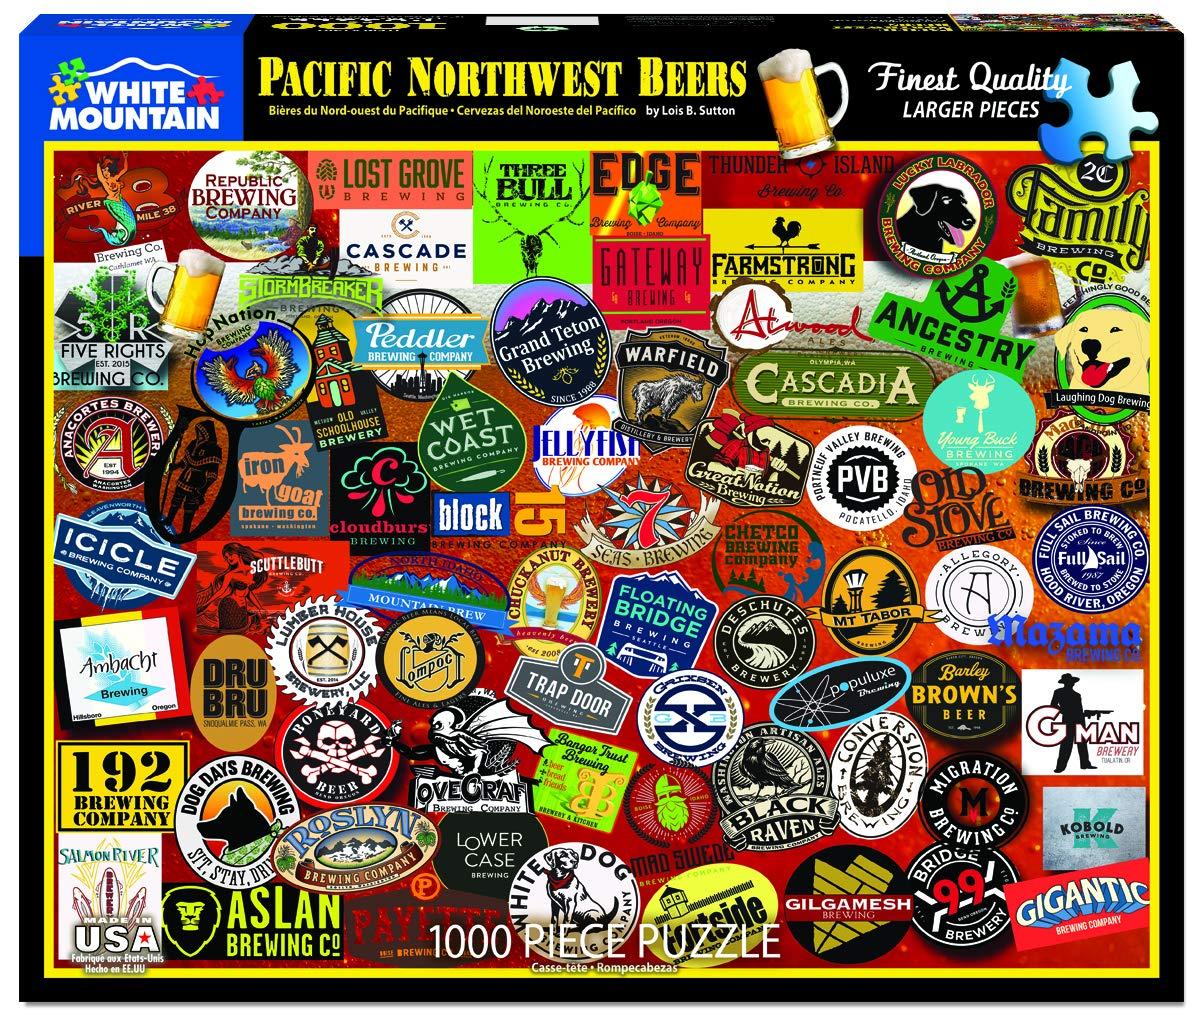 ふるさと納税 パシフィックノースウエストビールジグソーパズル 1000ピース B07H7TJZTS 1000ピース B07H7TJZTS, 千歳村:36b57c12 --- a0267596.xsph.ru